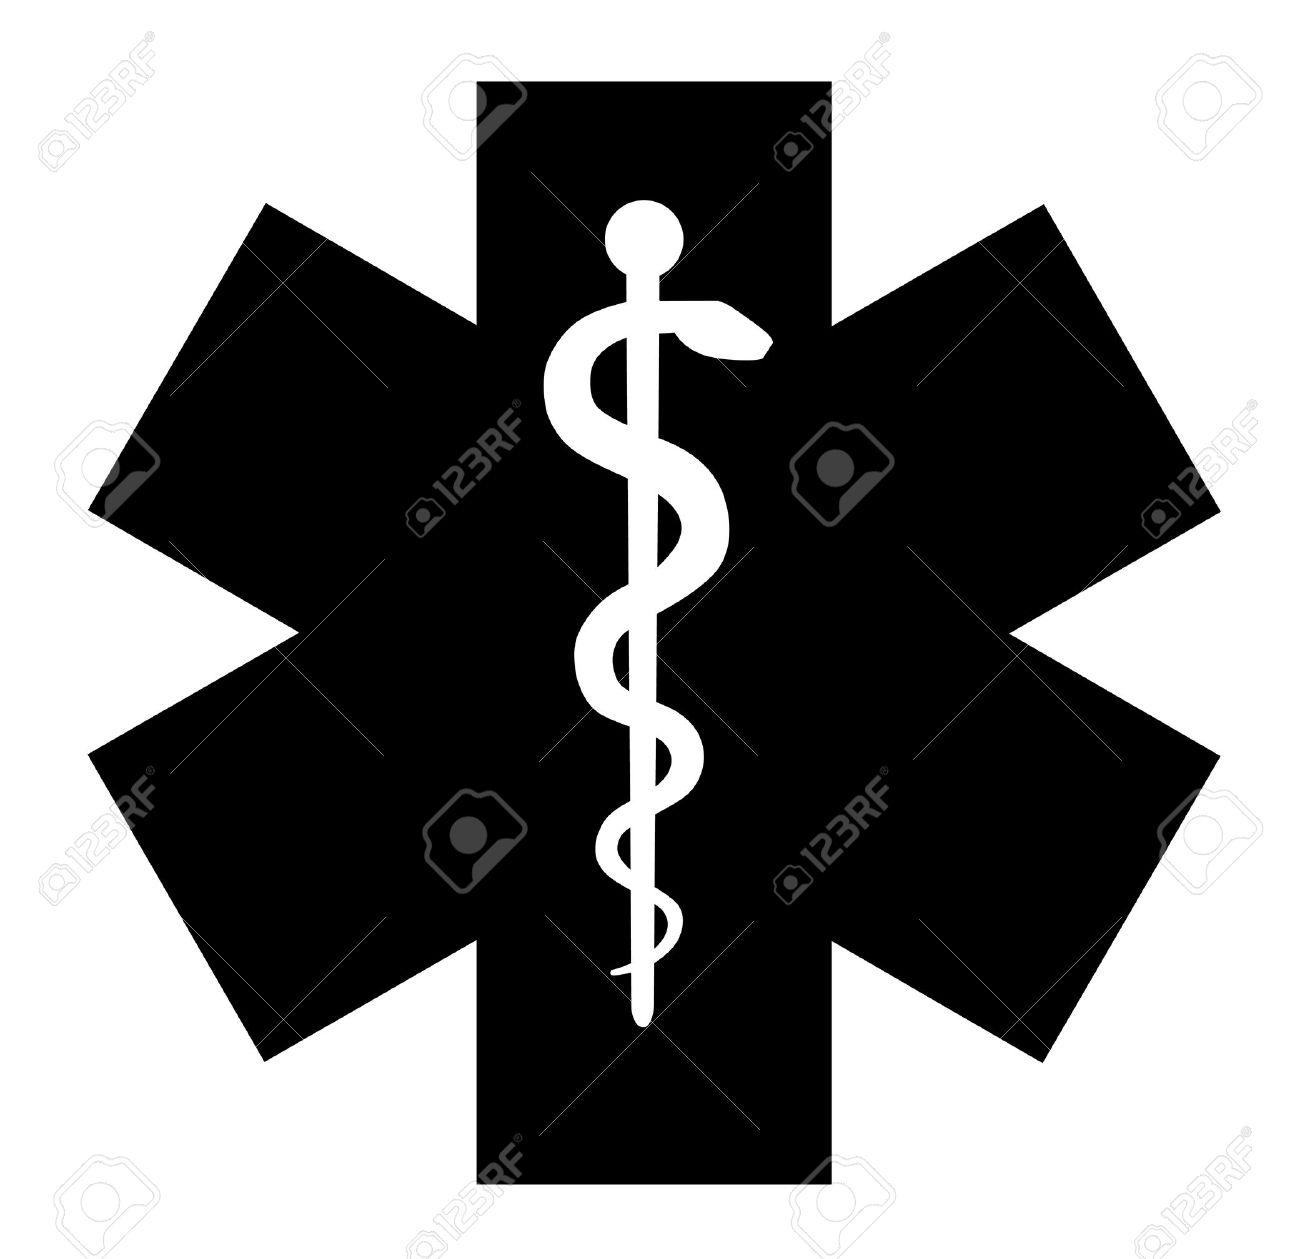 Symbole médical de l'urgence icône vecteur eps 10 Banque d'images - 22725610